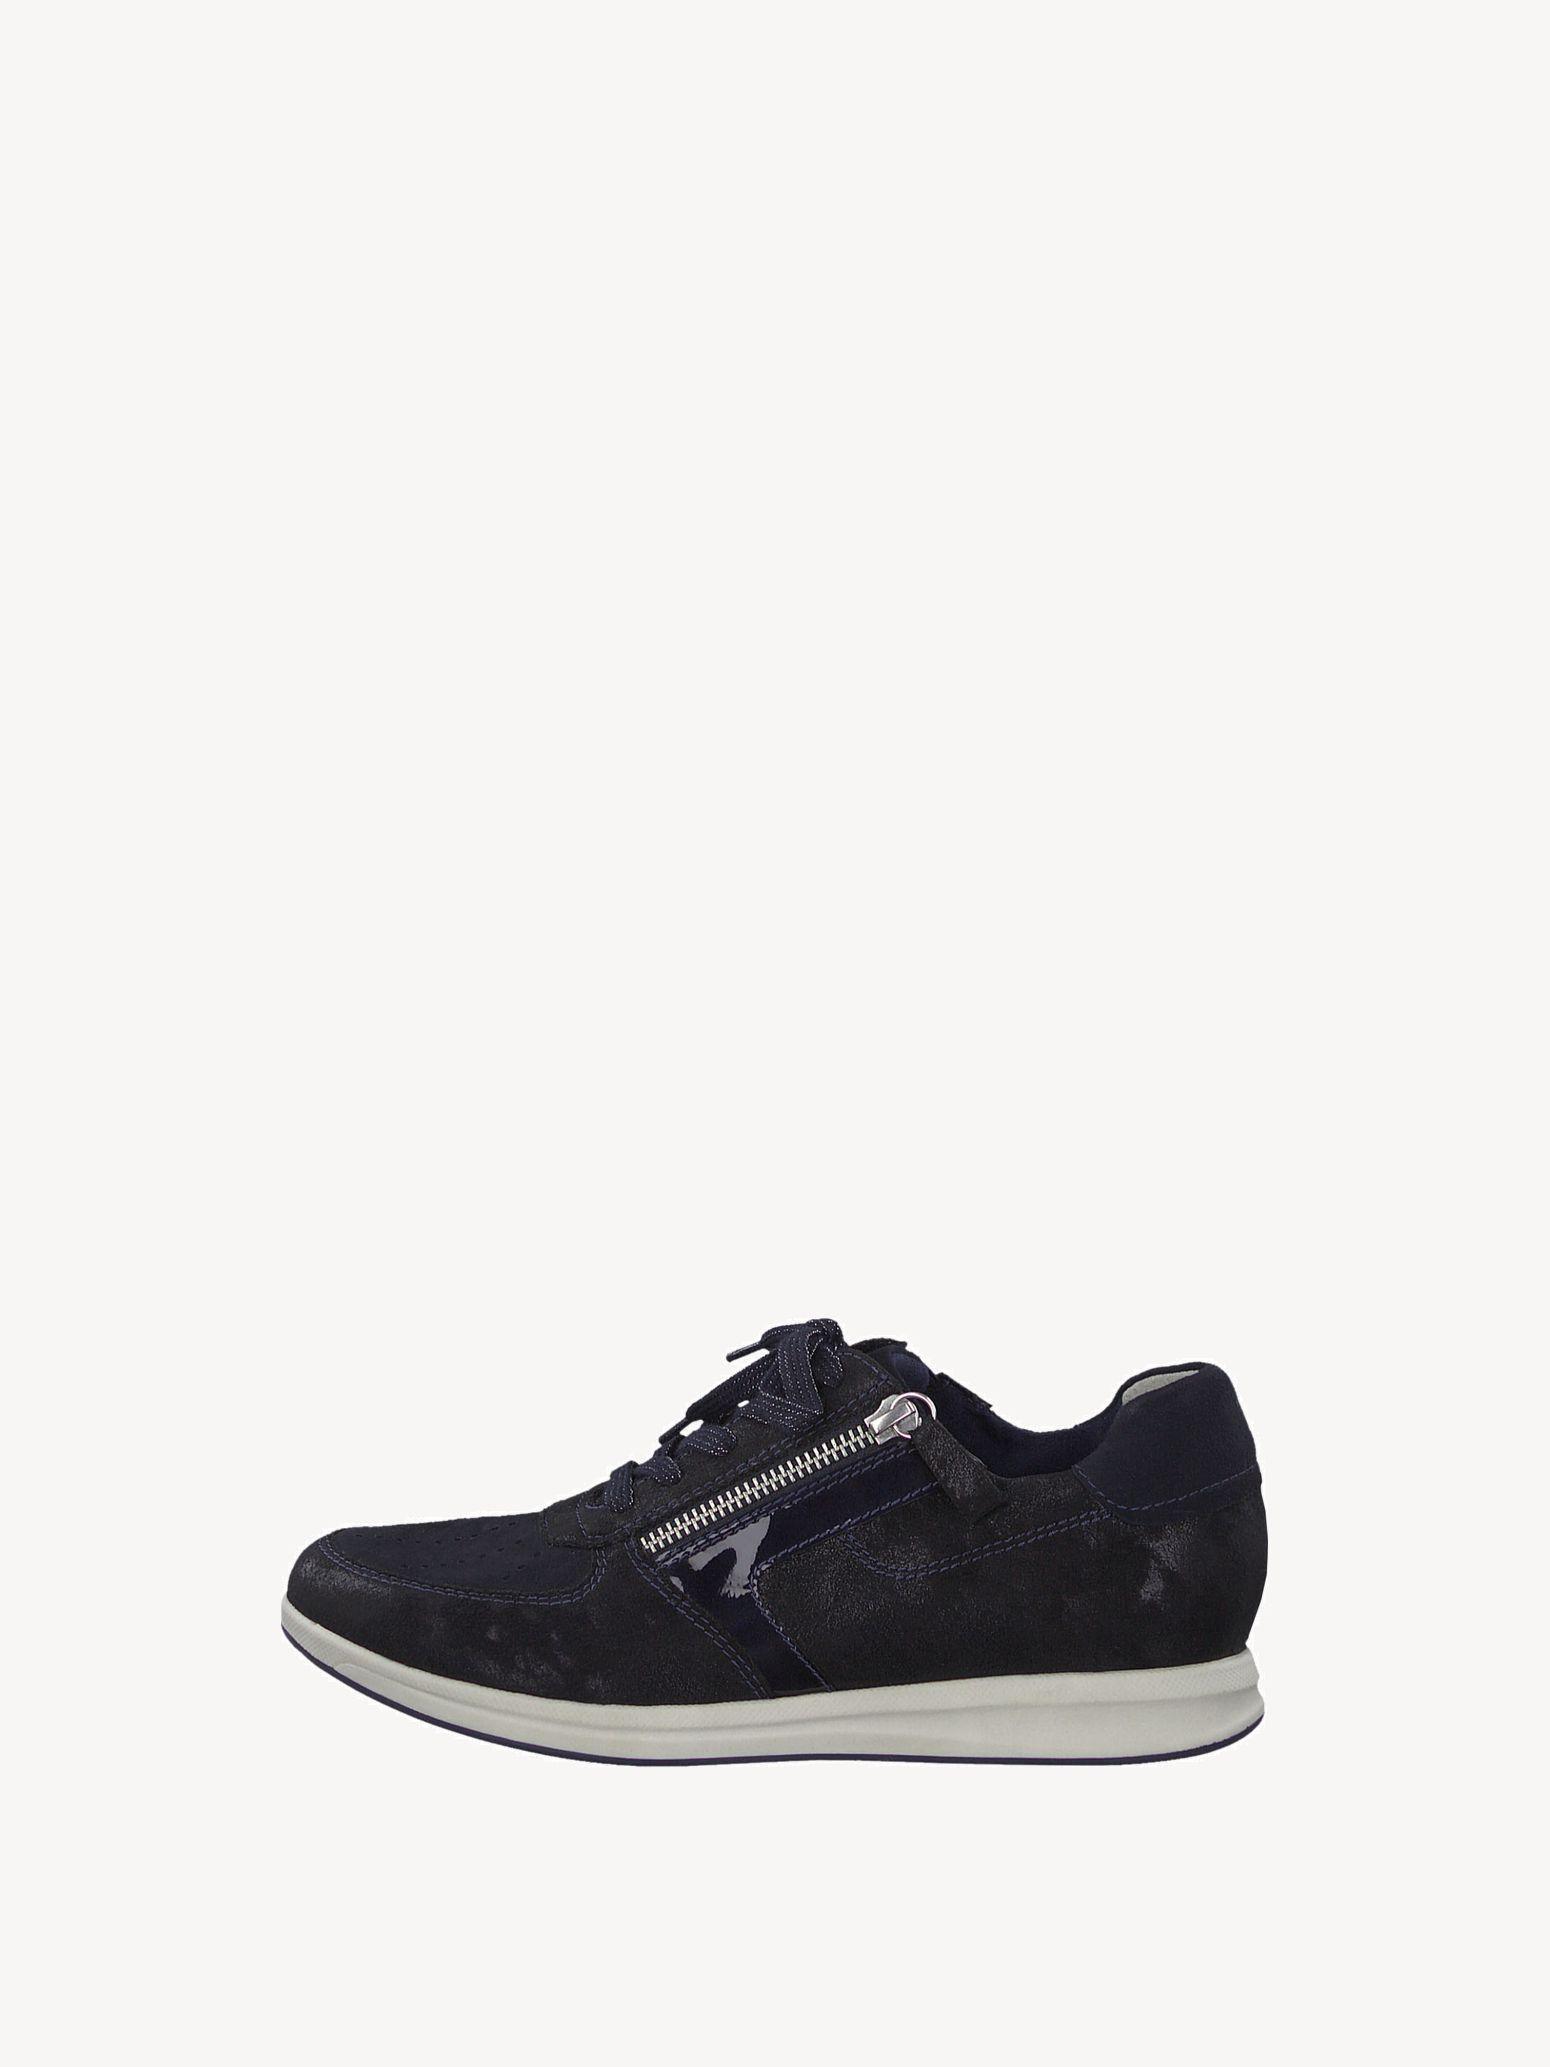 Tamaris Sneaker blau   Markenschuhe